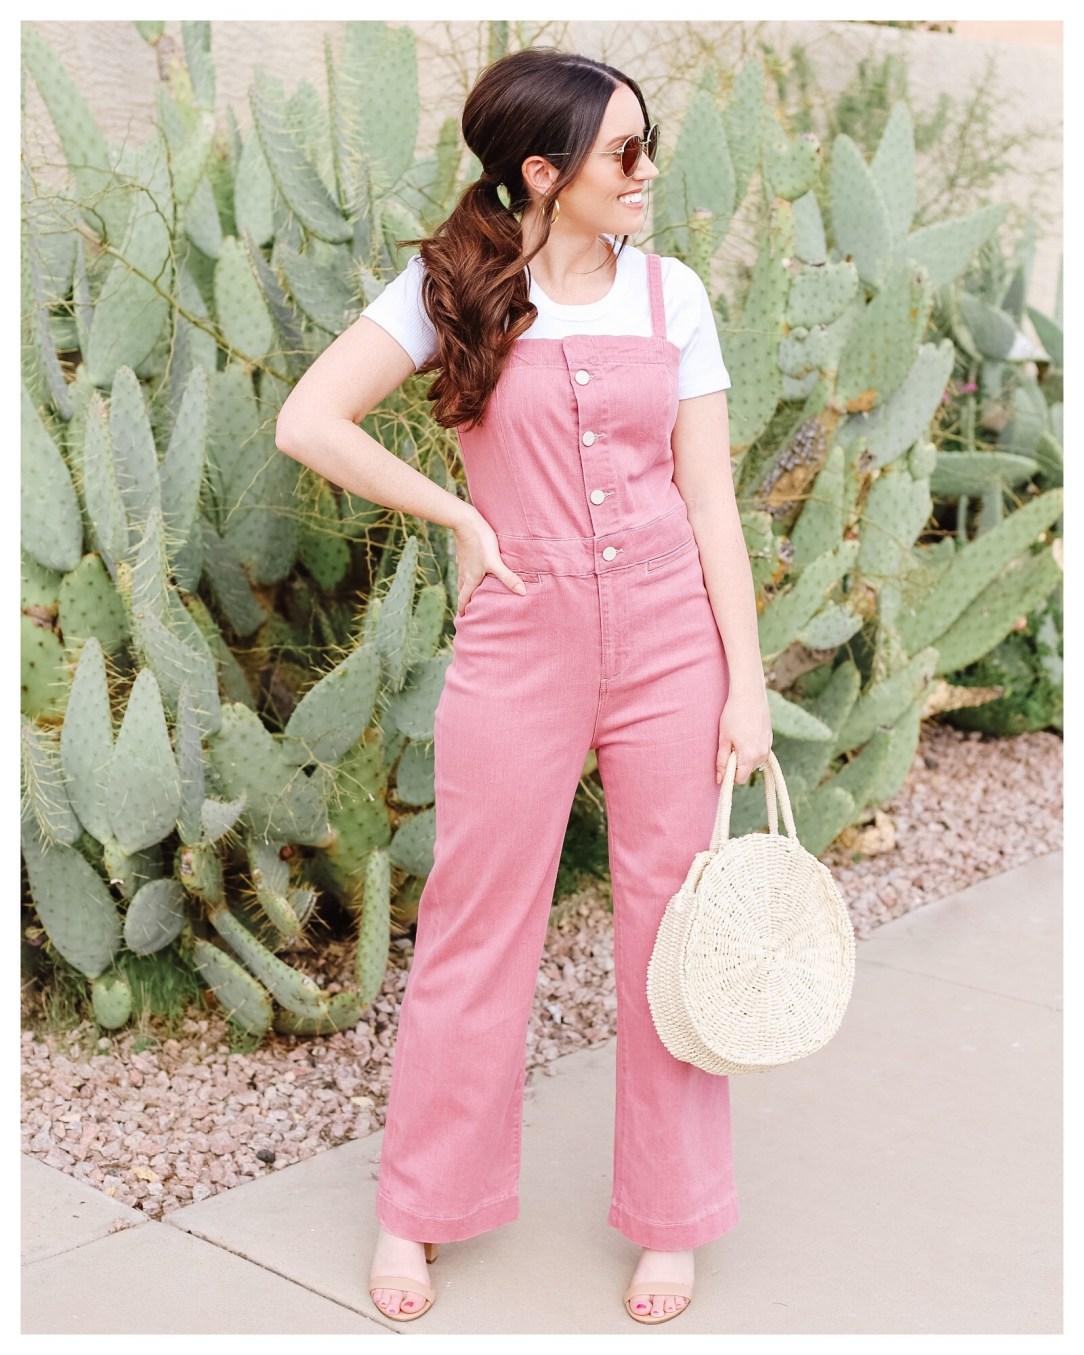 Pink Jumpsuit on Five Foot Feminine